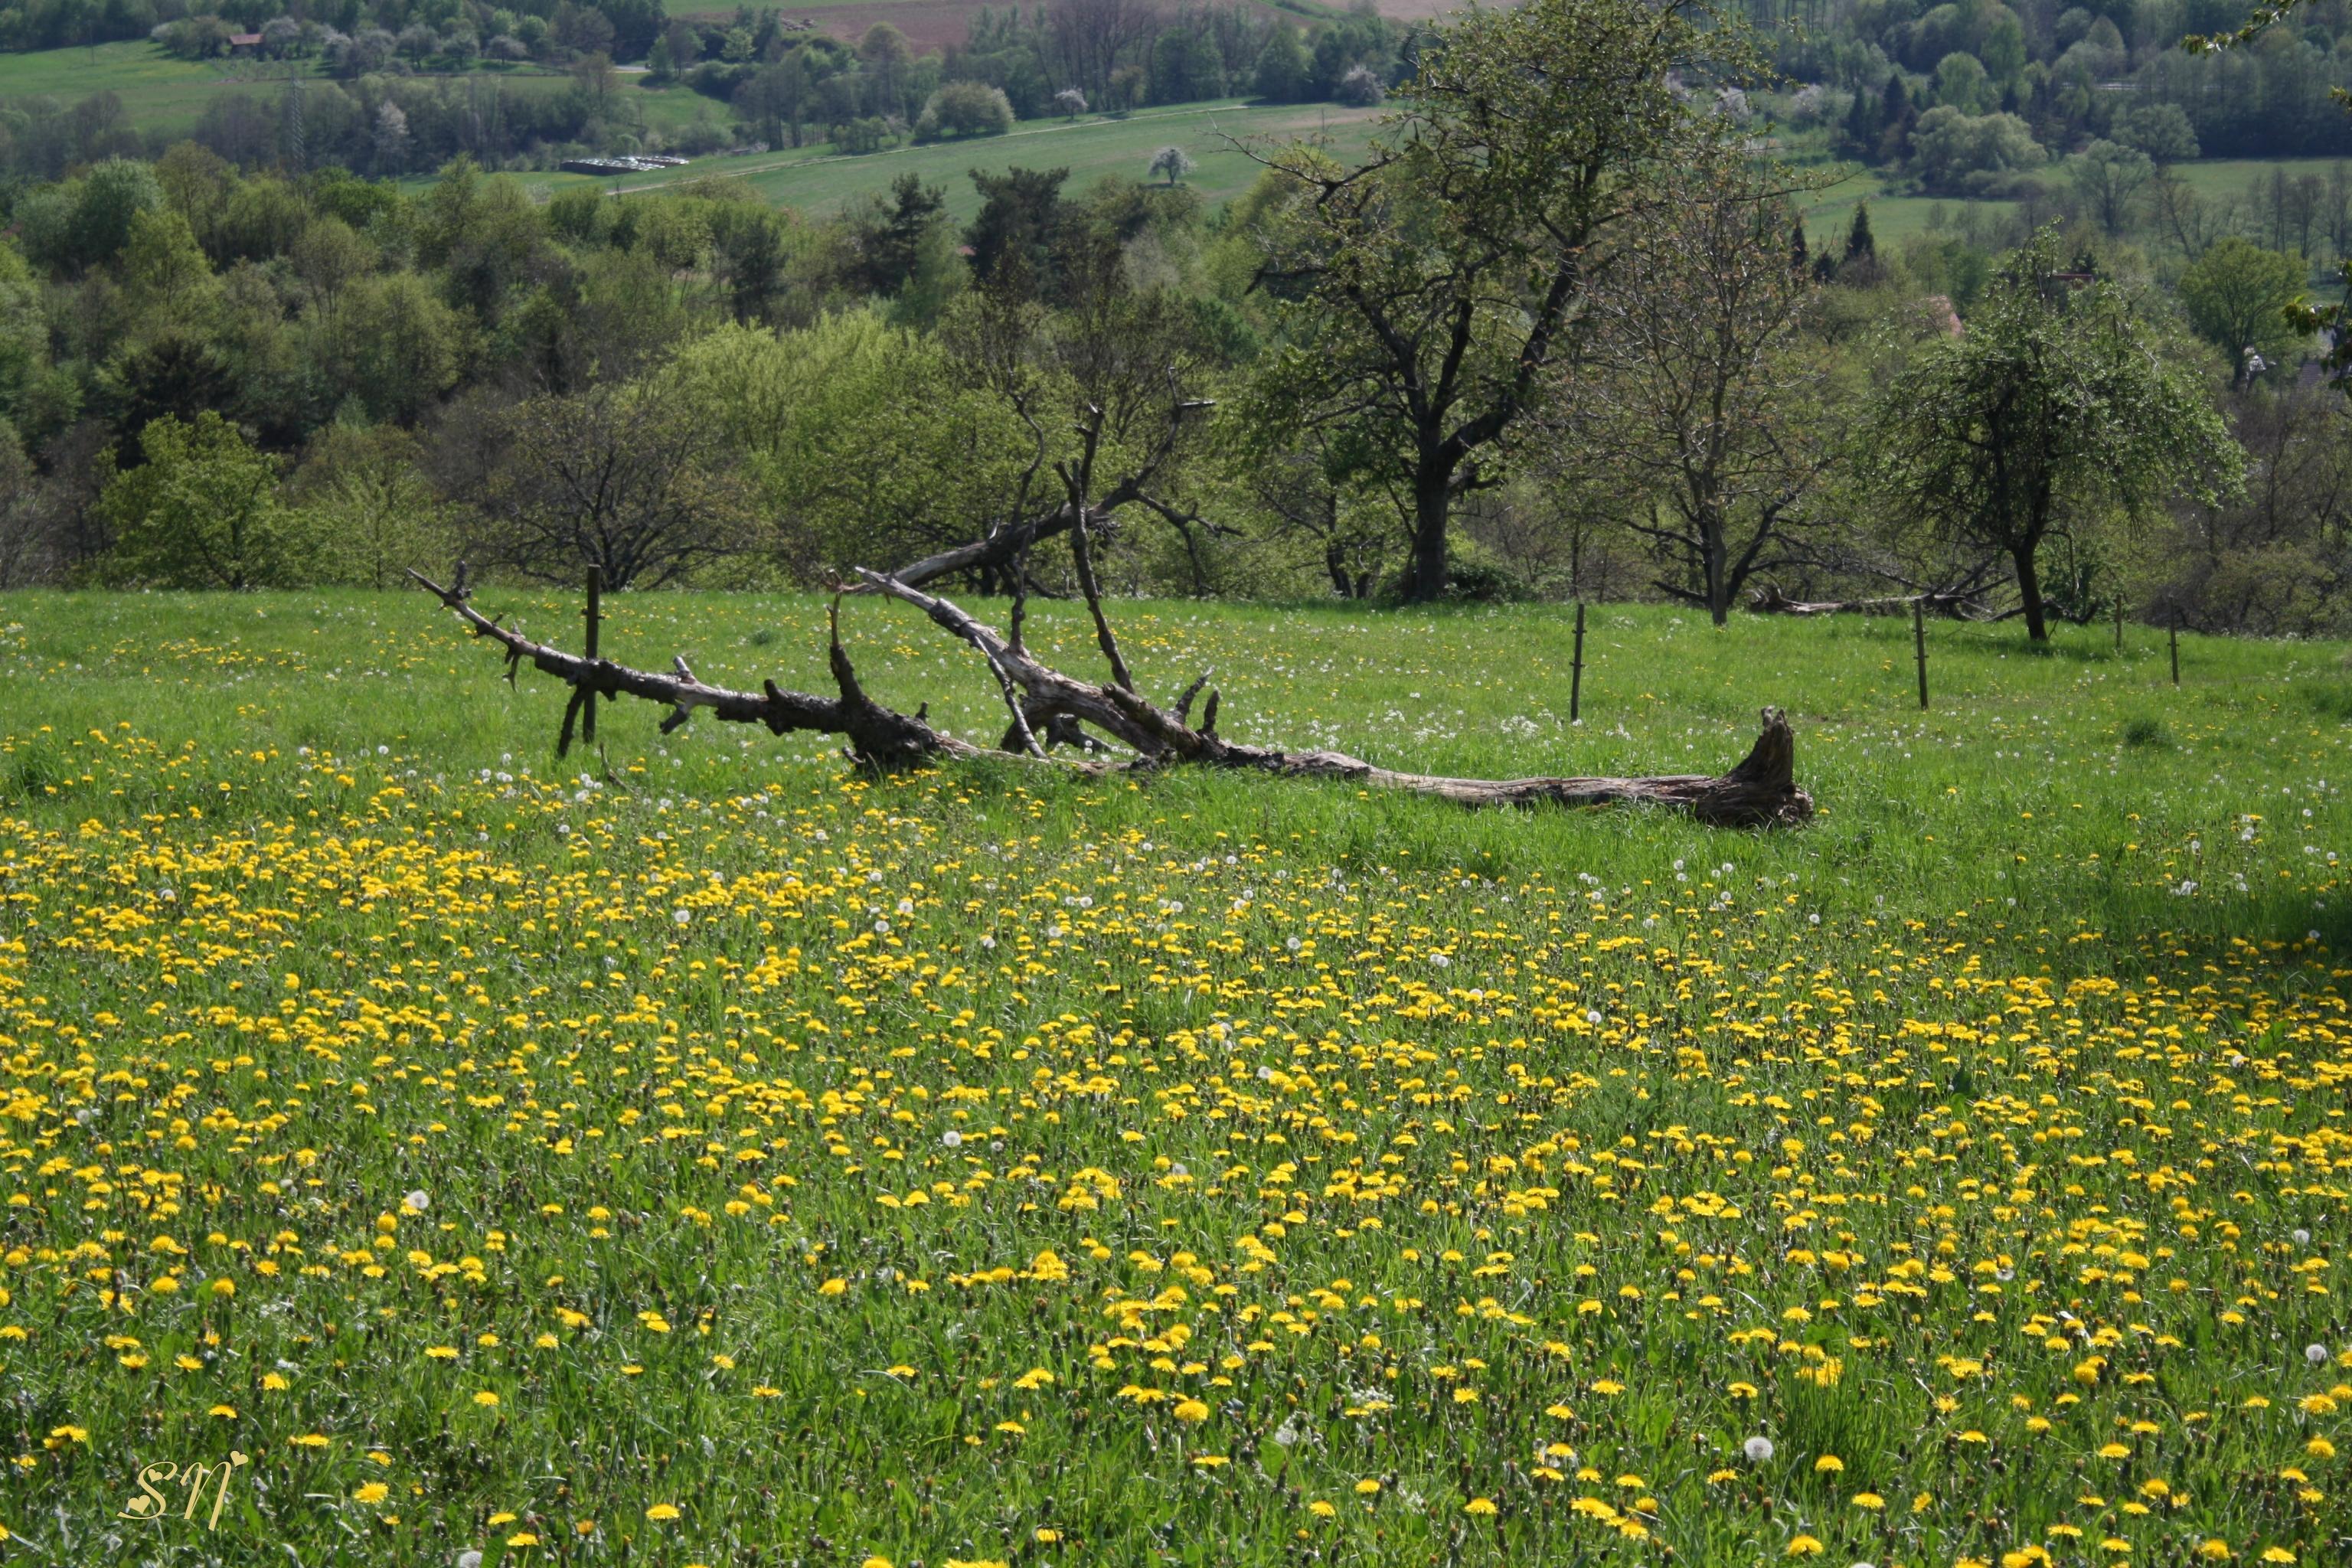 Frühling in Mensengesäß Bild:Sandra Nees.jpg